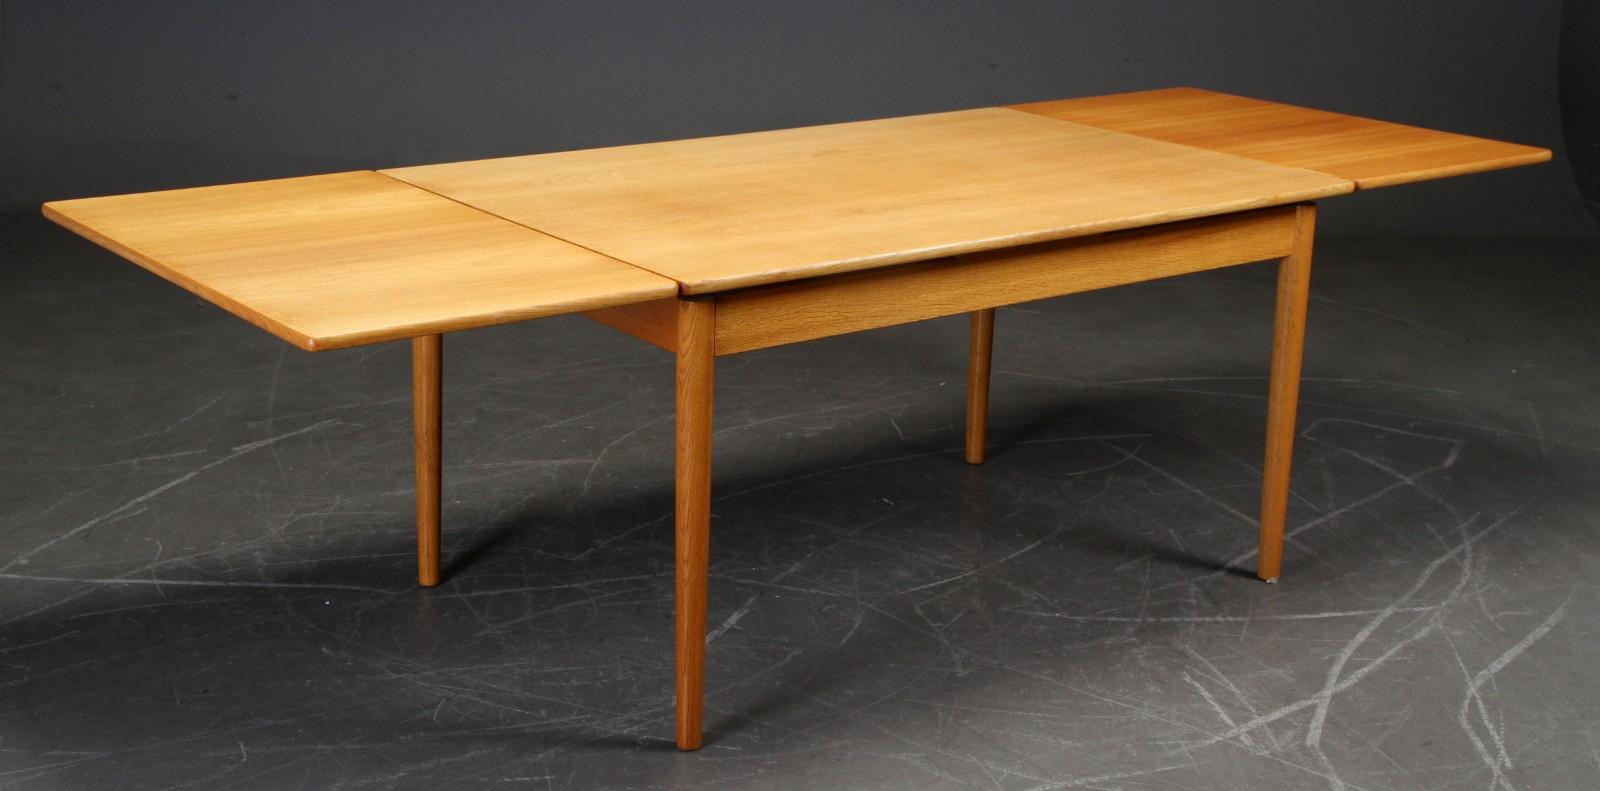 Hans Wegner - Oak dining table model AT-316